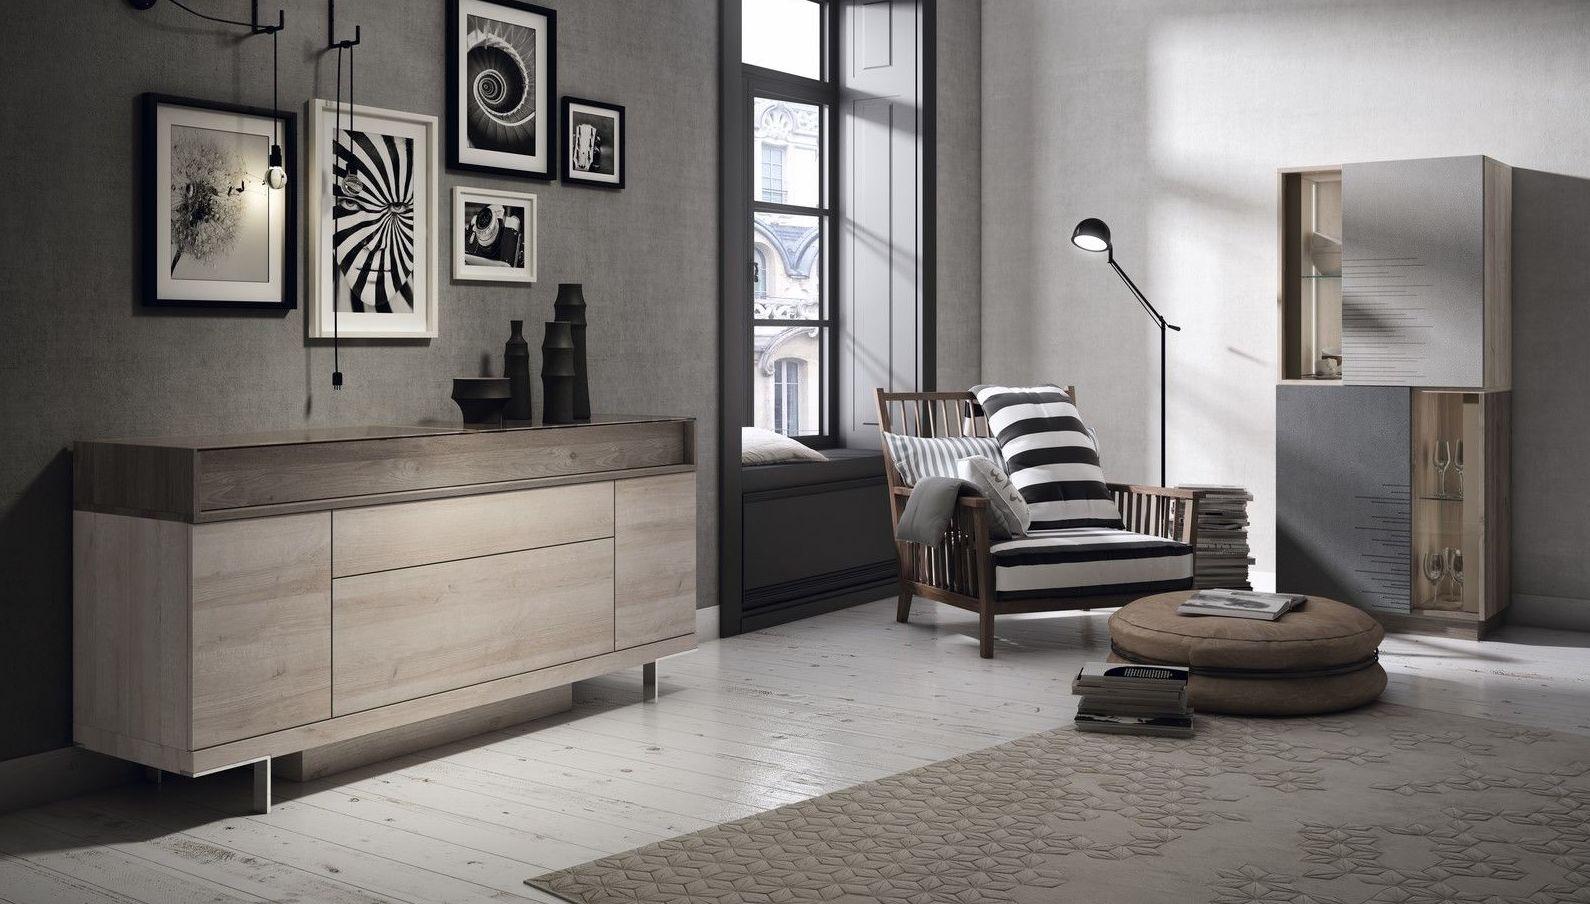 Foto 31 de Muebles y decoración en València | ilumueble